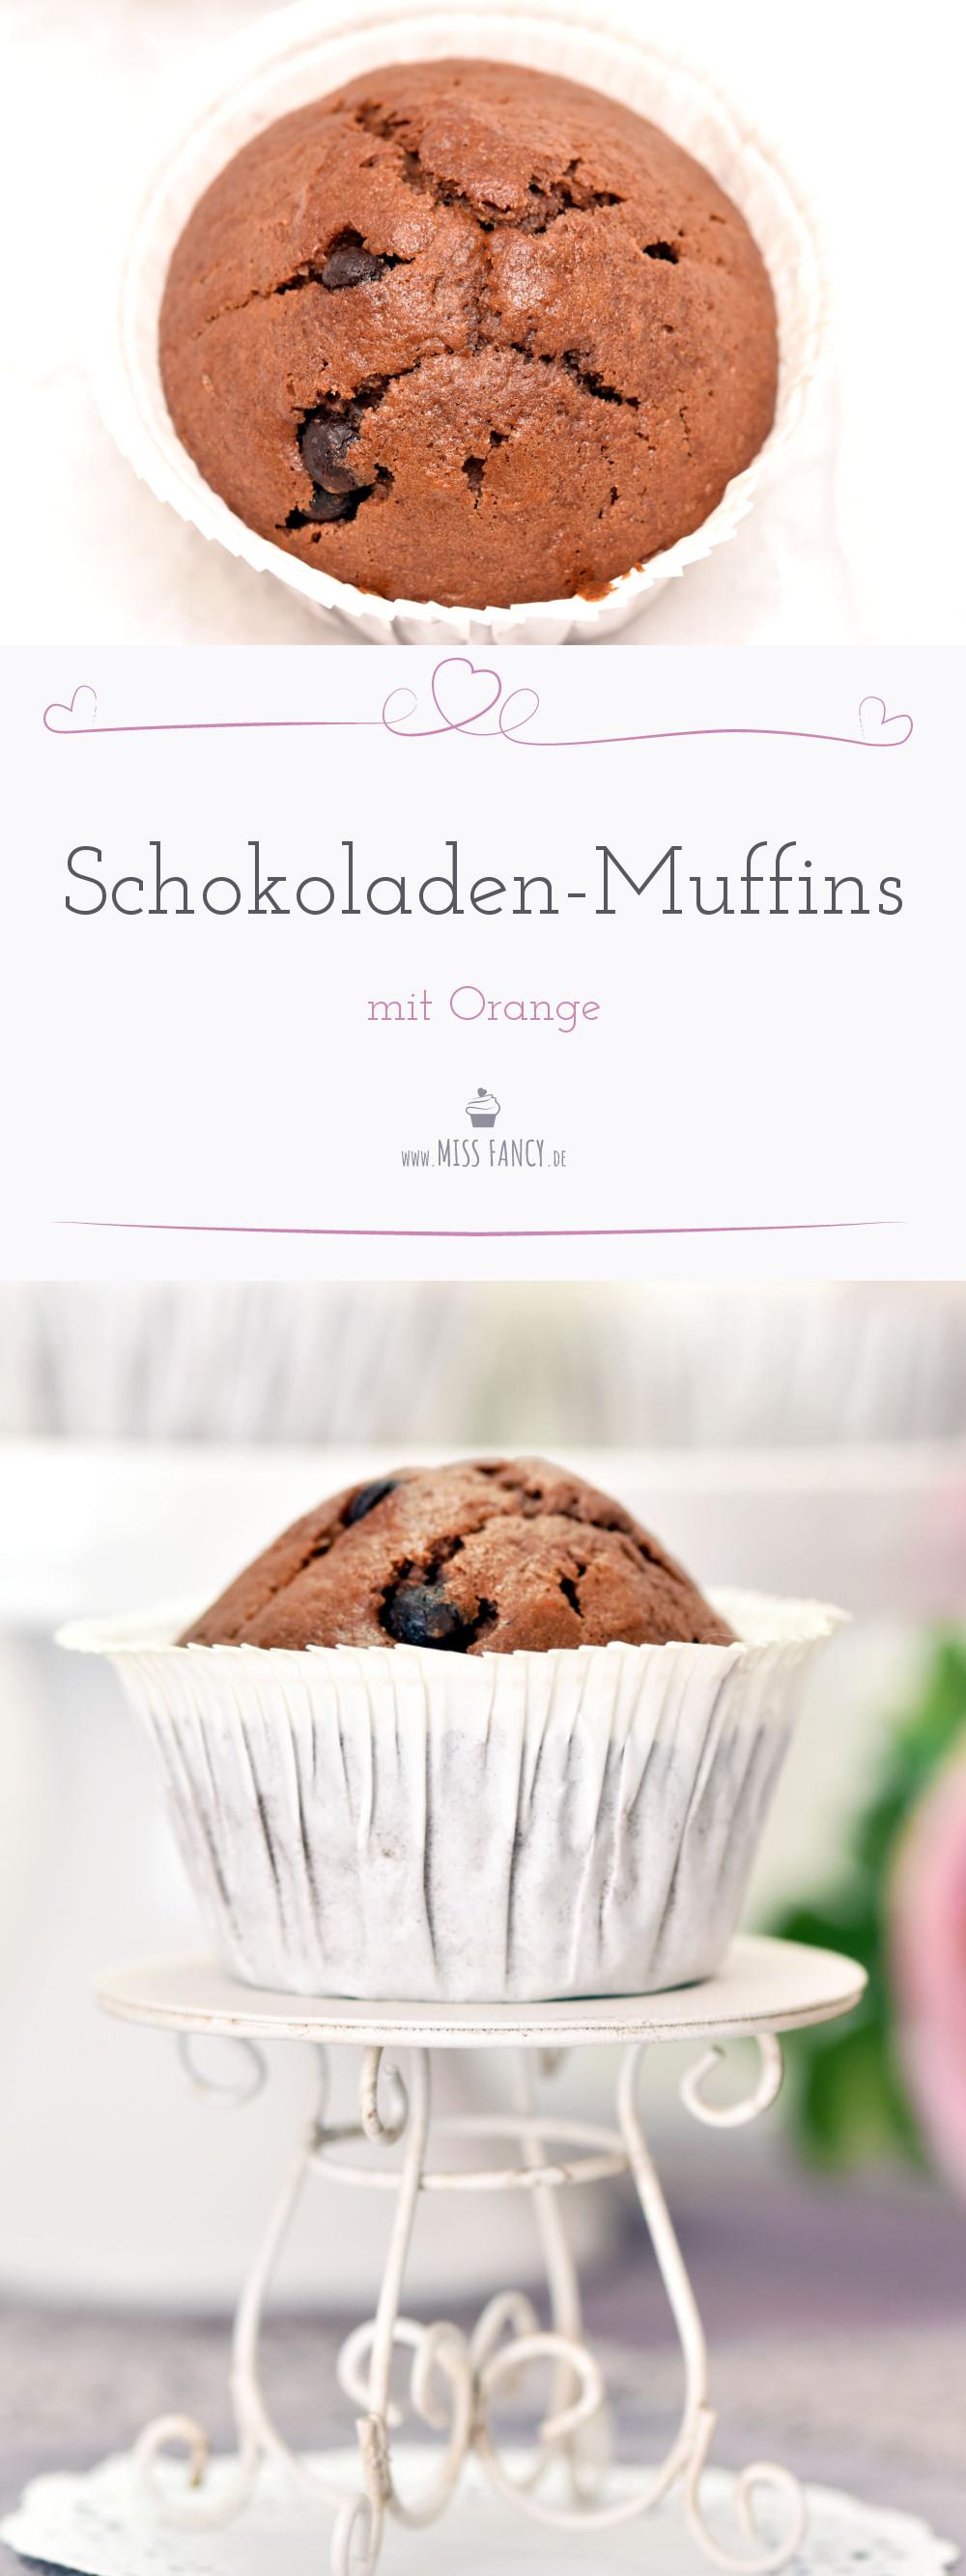 Rezept-Schokoladen-Muffins-Orangenaroma